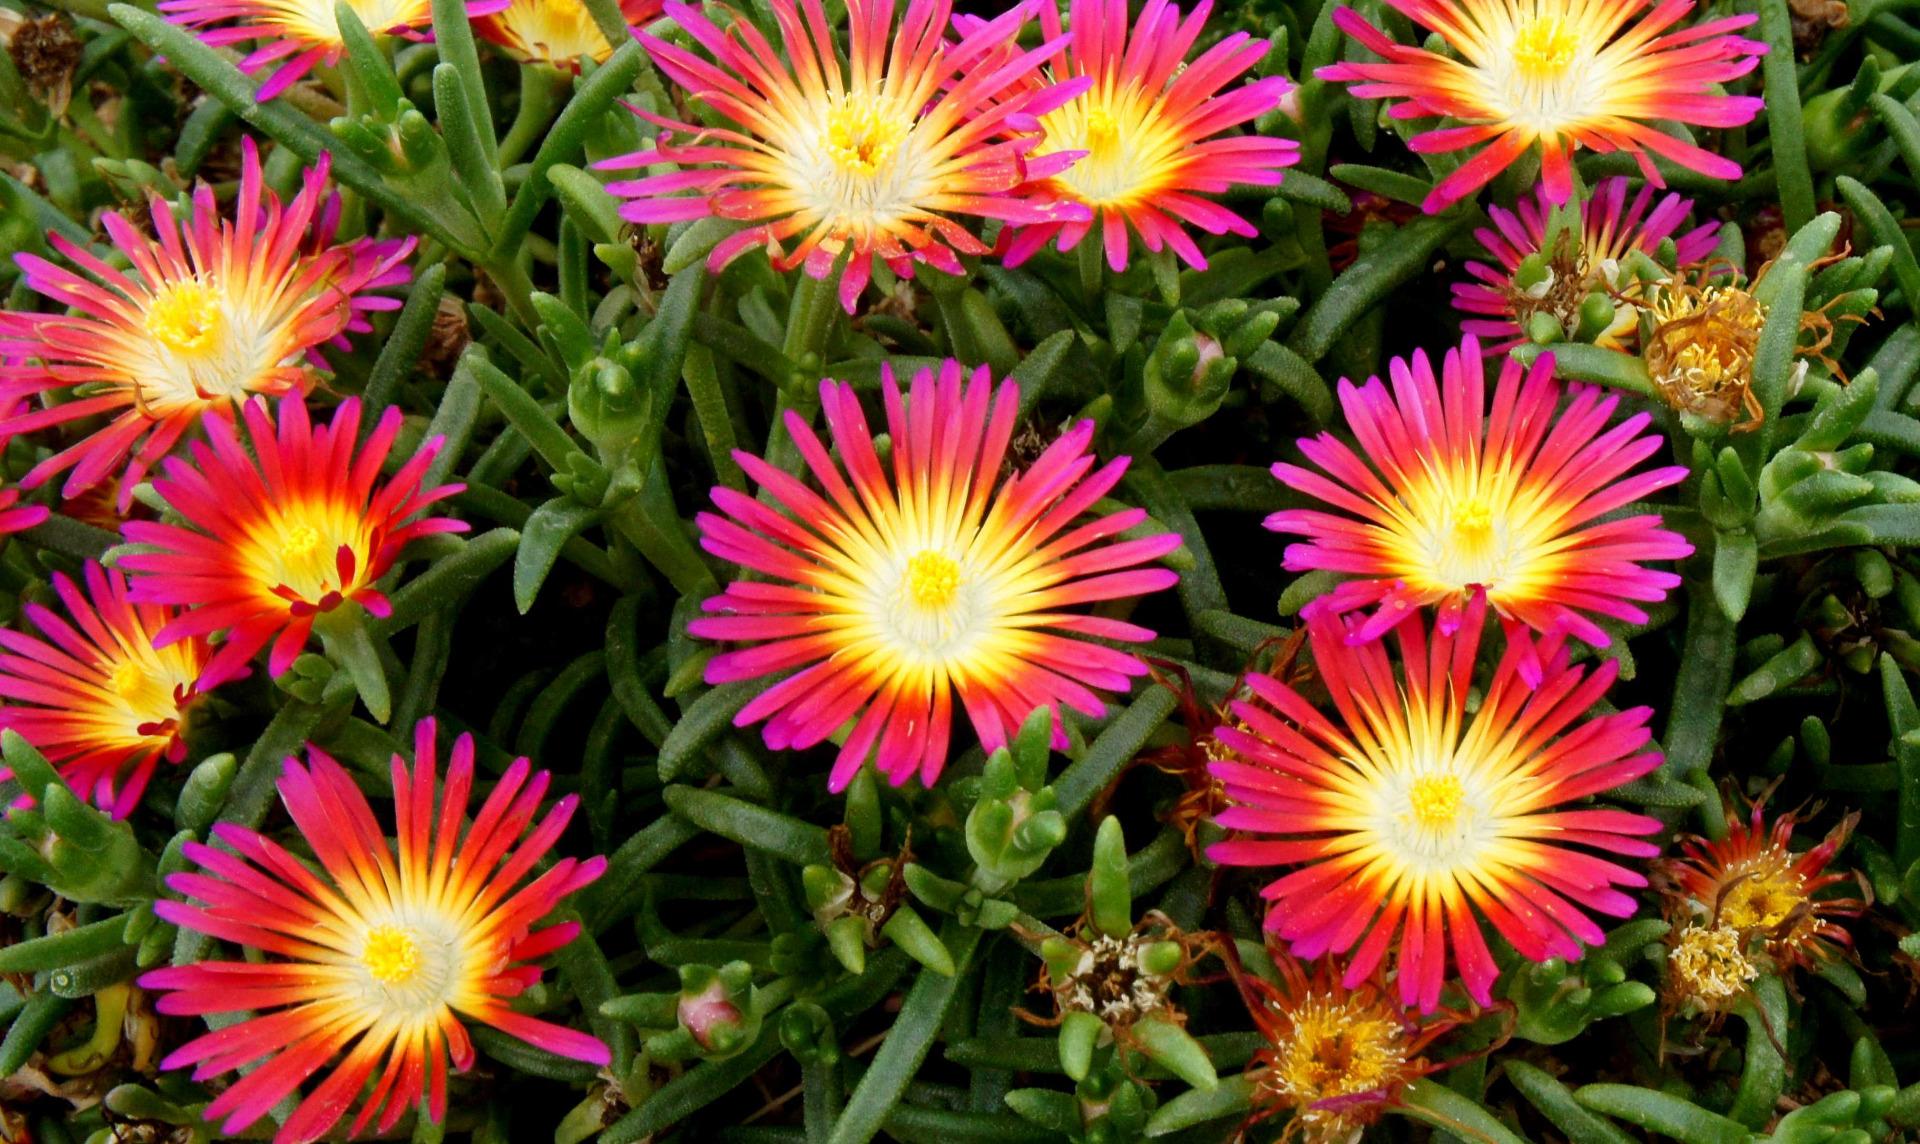 Couvre Sol Croissance Rapide couvre-sols persistants - vente de plantes à feuillage